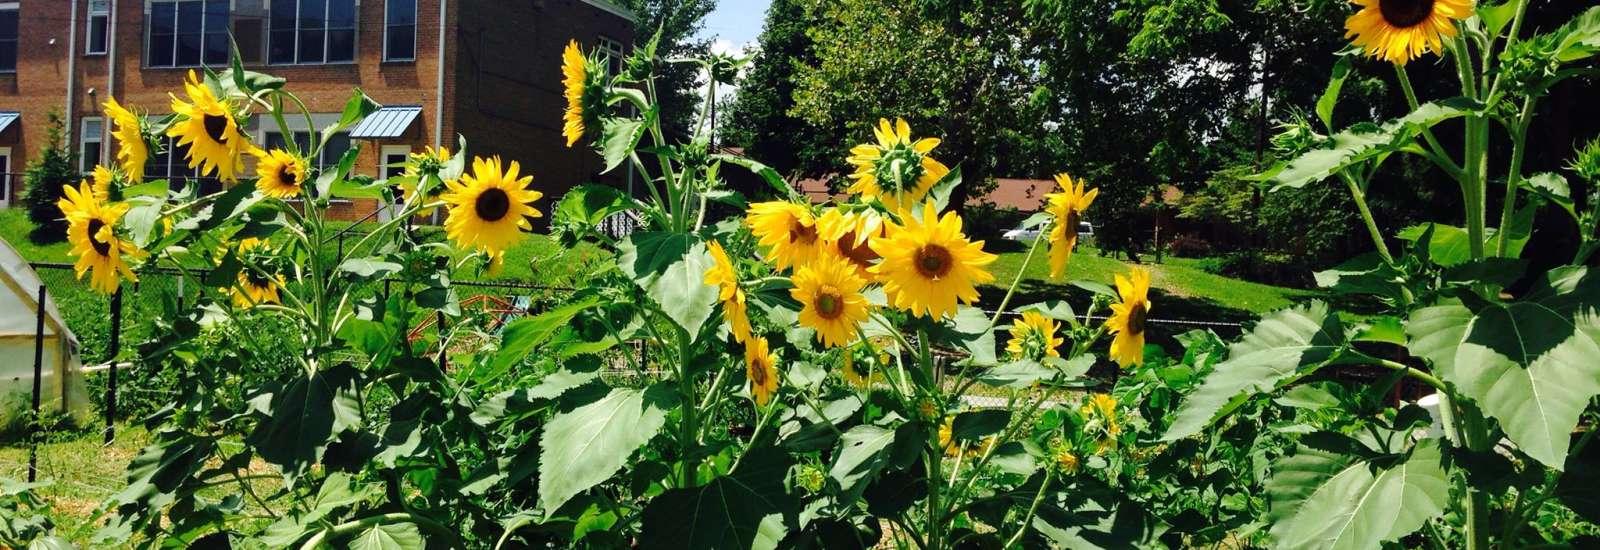 Southside Kitchen & Community Garden